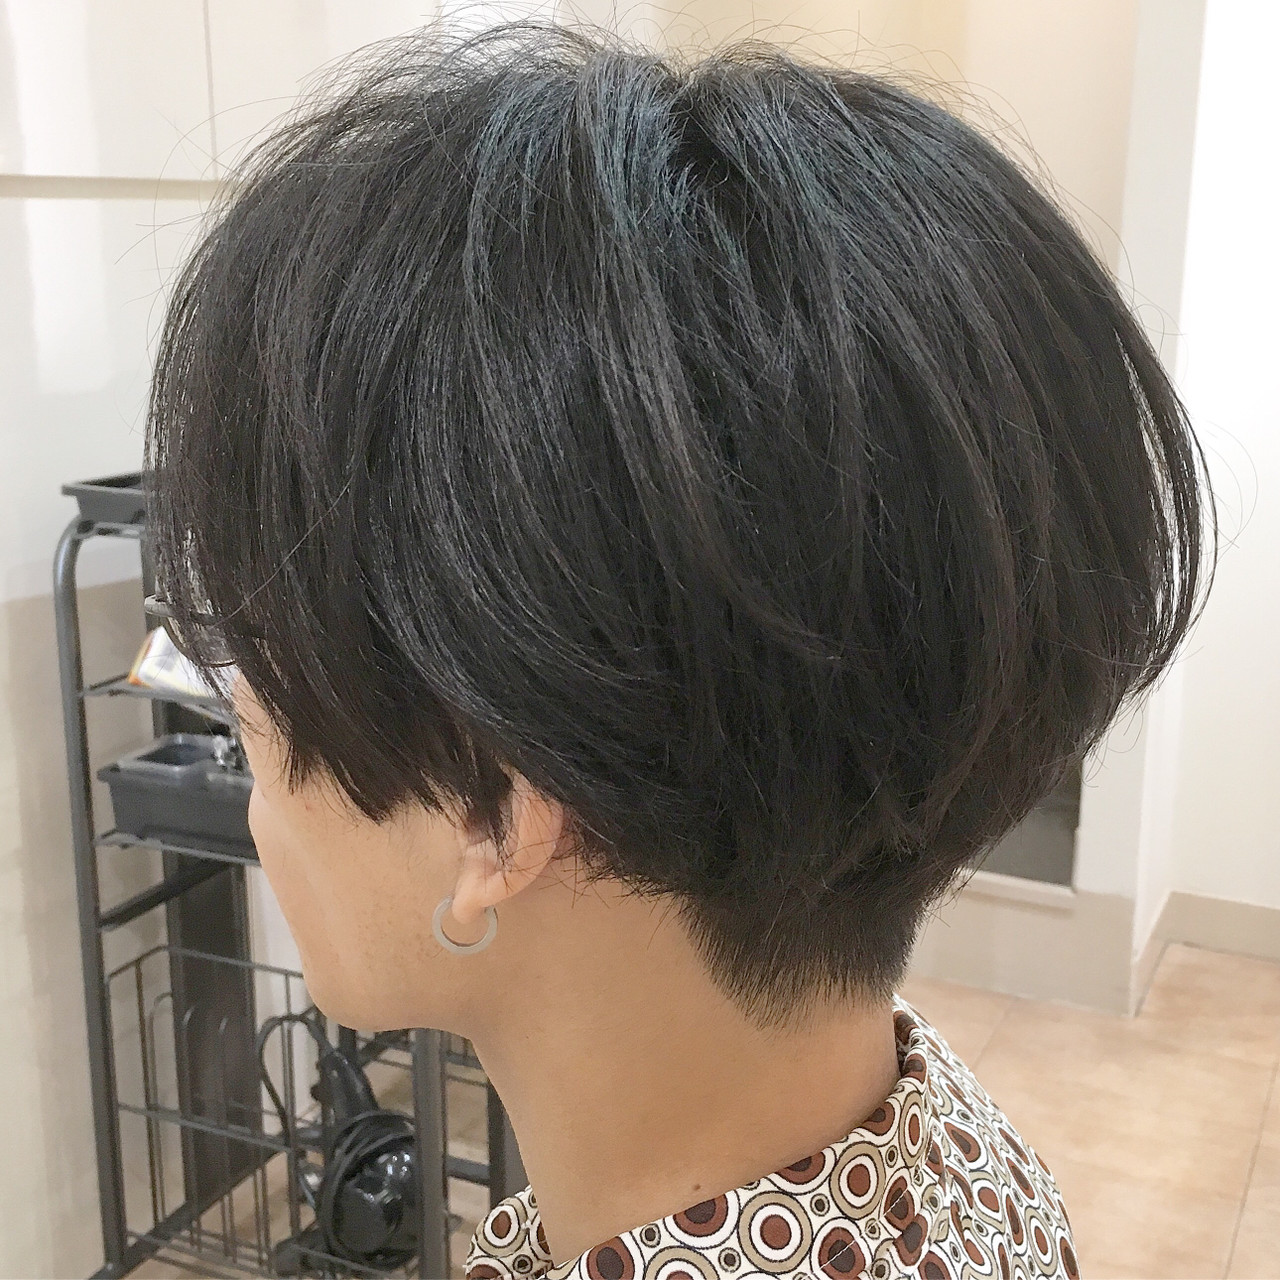 メンズ センターパート ショート ツーブロック ヘアスタイルや髪型の写真・画像